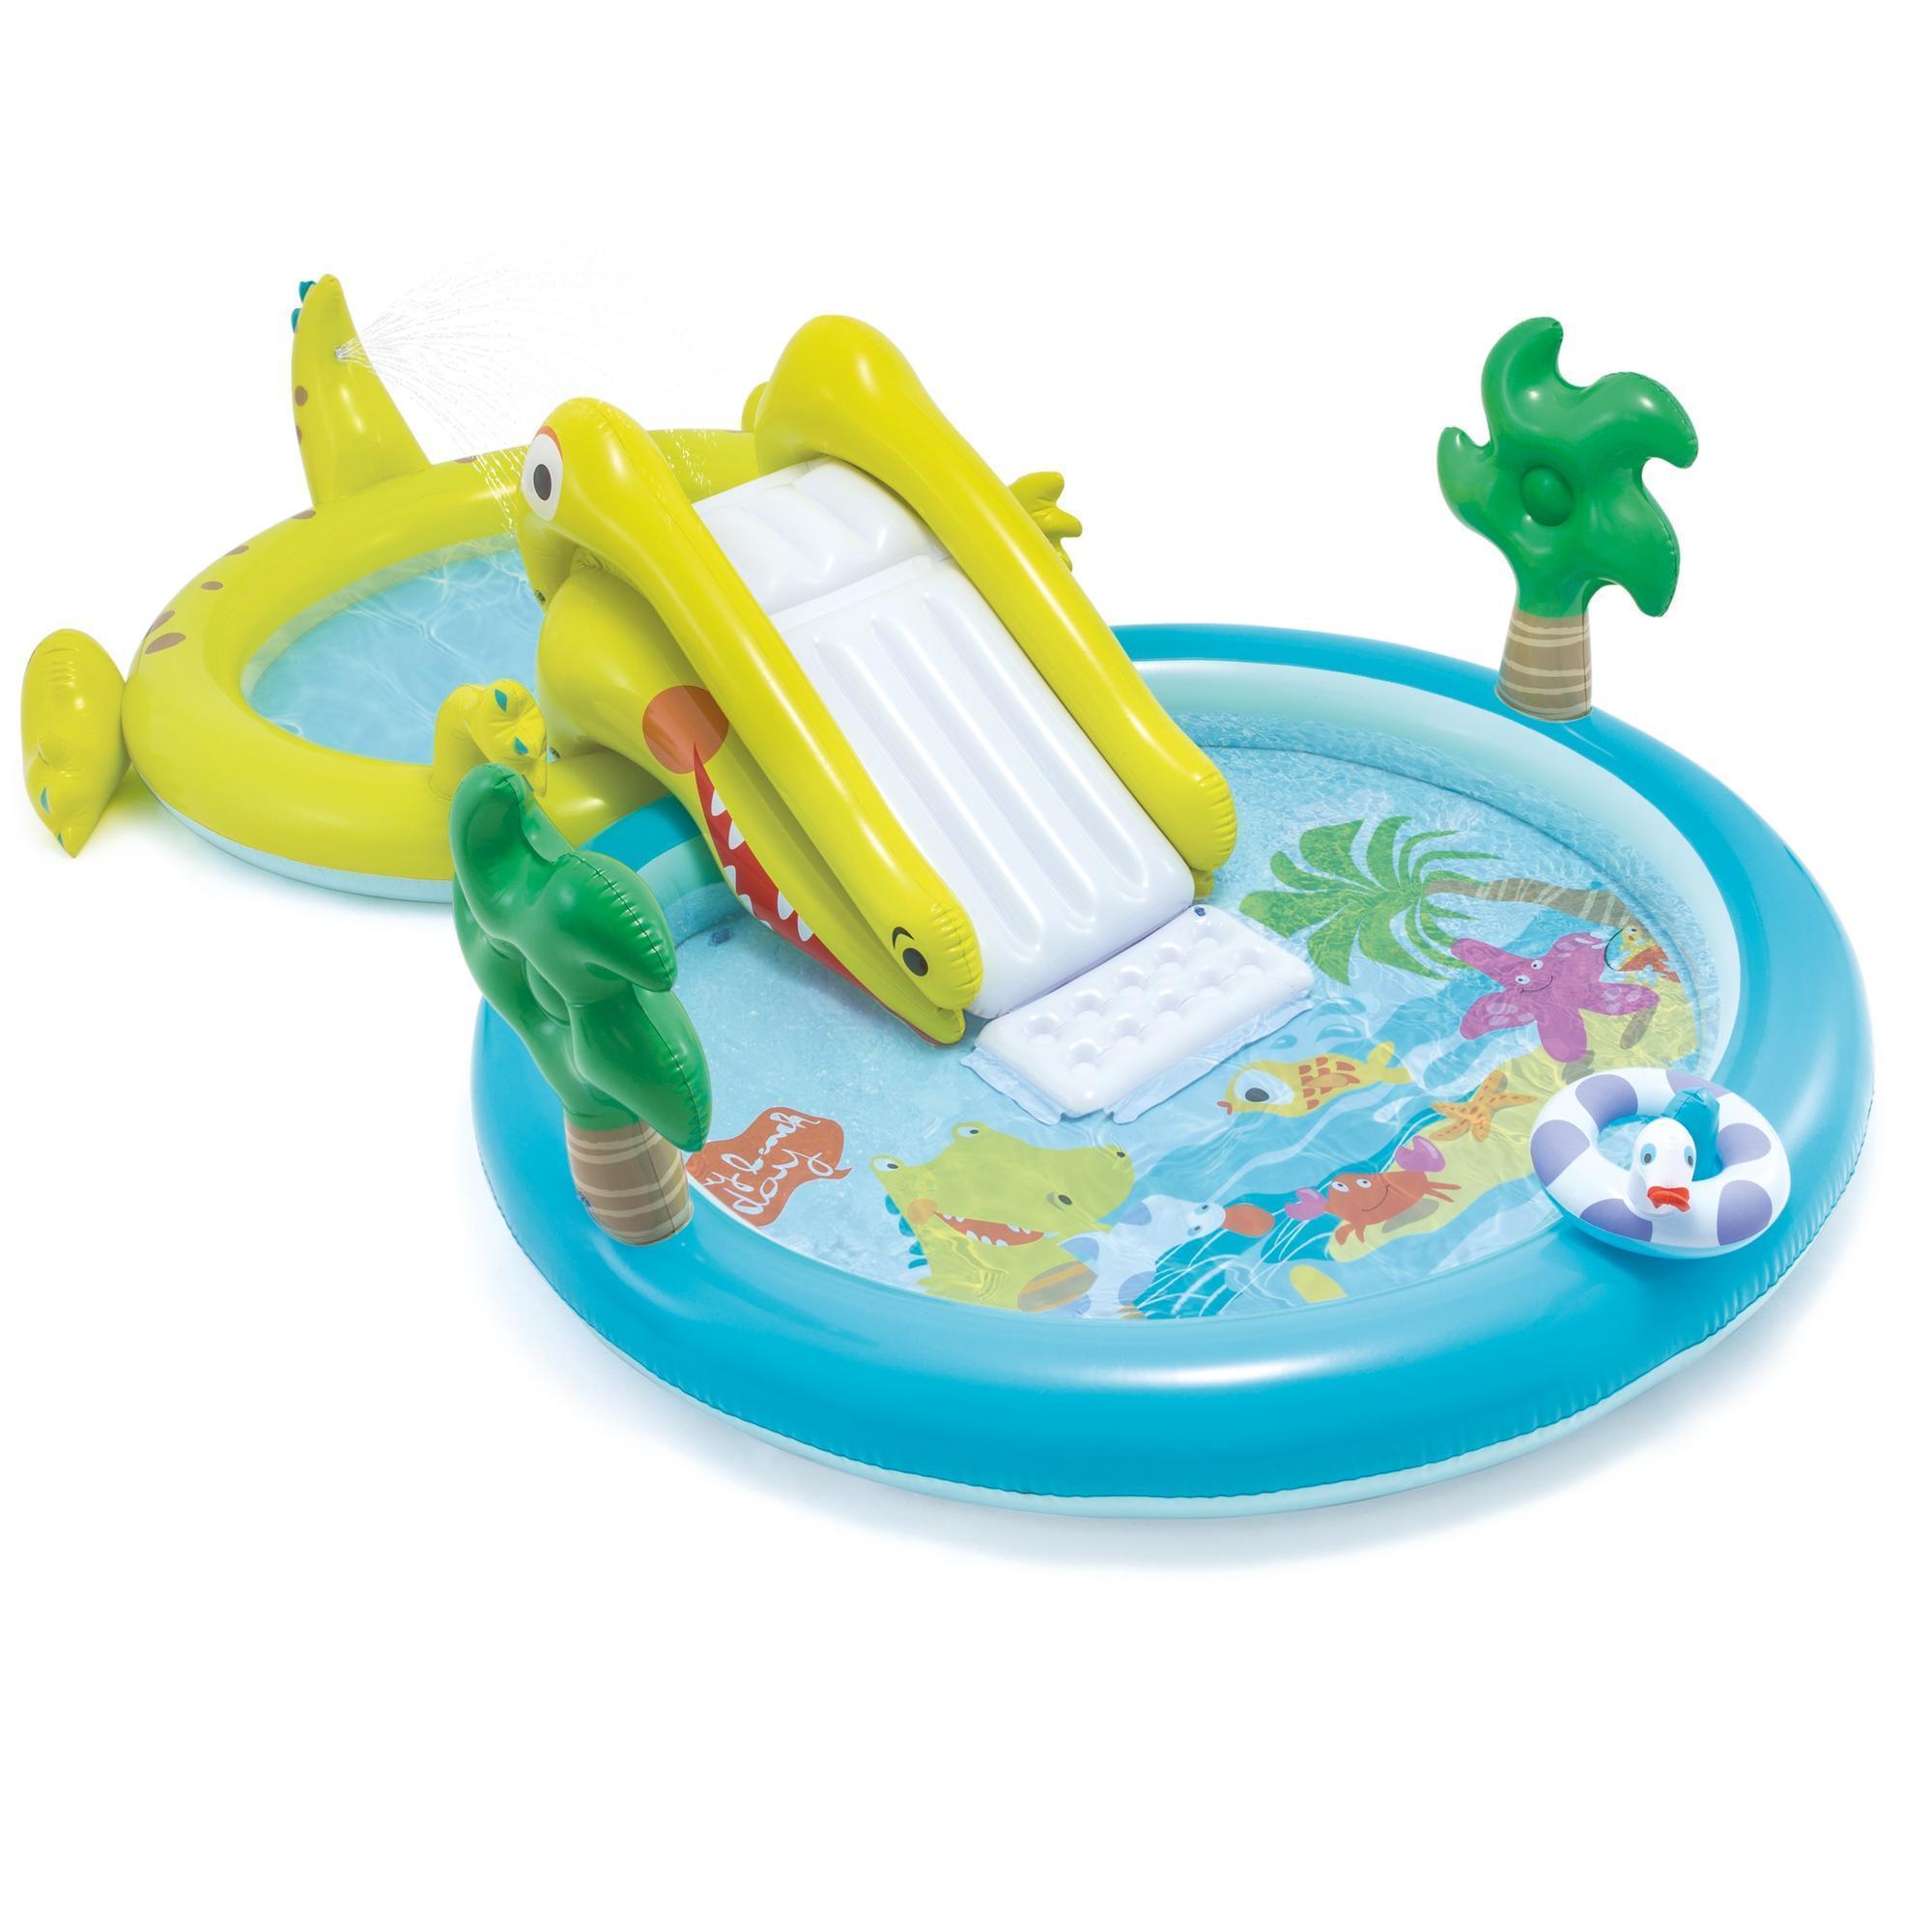 Piscine Parc Aquatique Intex Avec Toboggan Pour Les Enfants De Plus De 3 Ans tout Piscine Enfant Intex